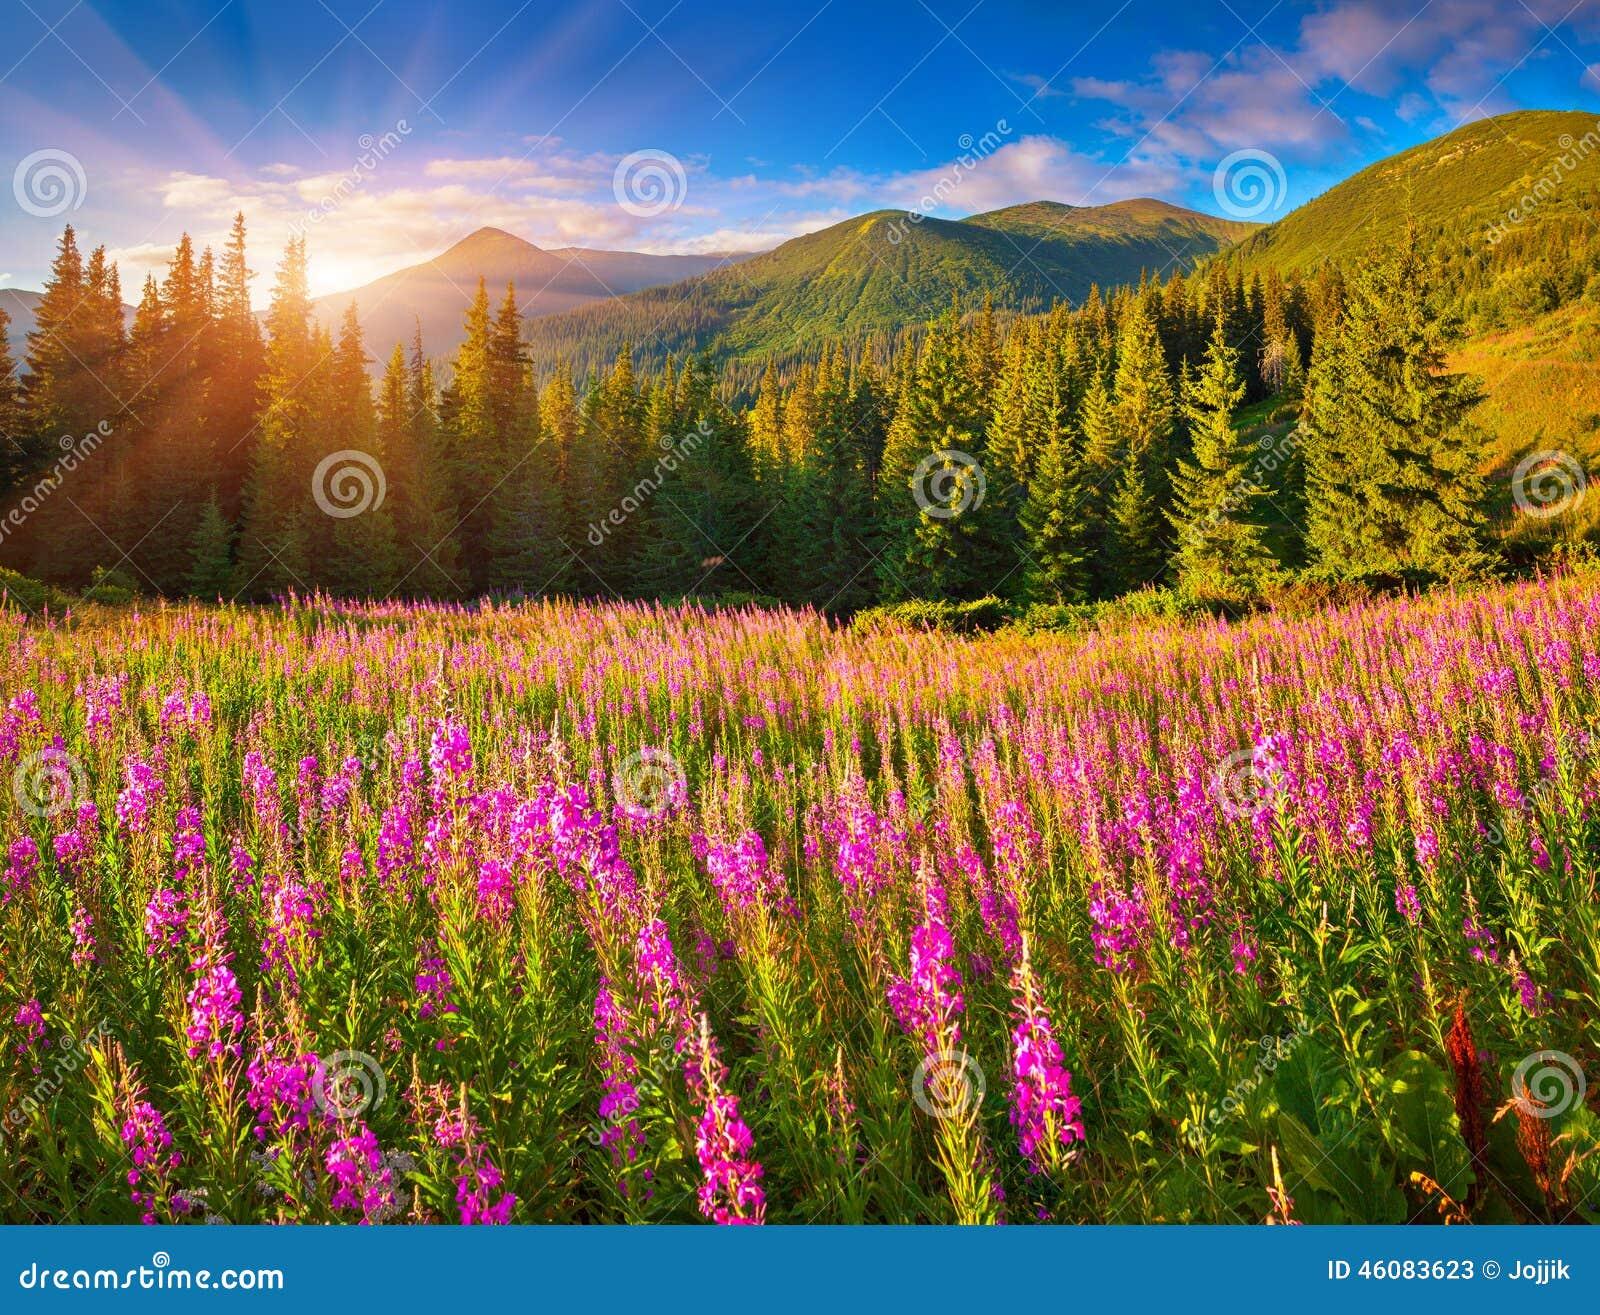 Härligt höstlandskap i berg med rosa blommor